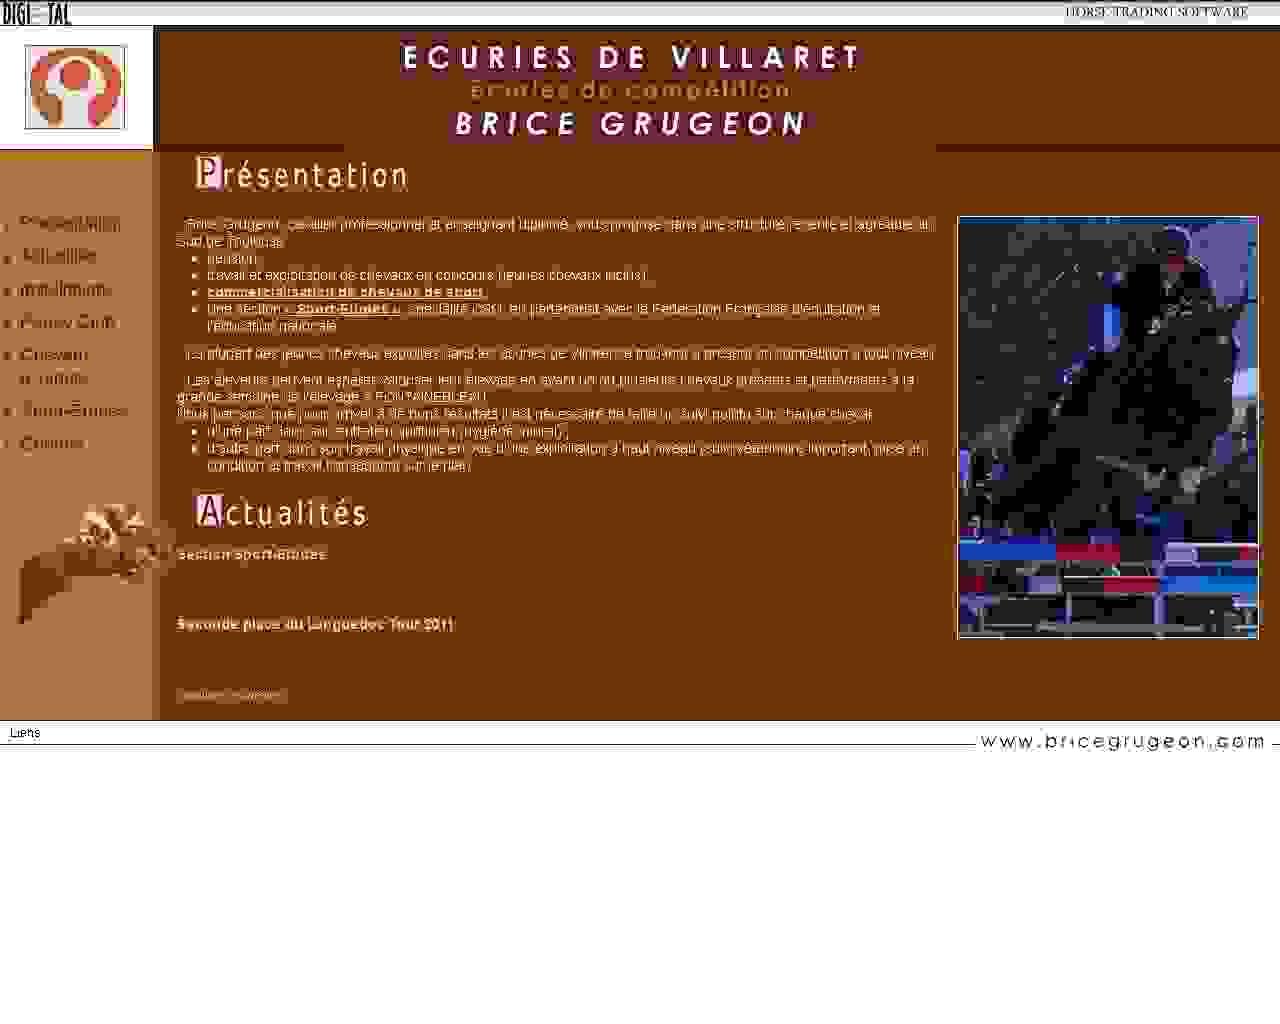 Visuel du site Brice Grugeon